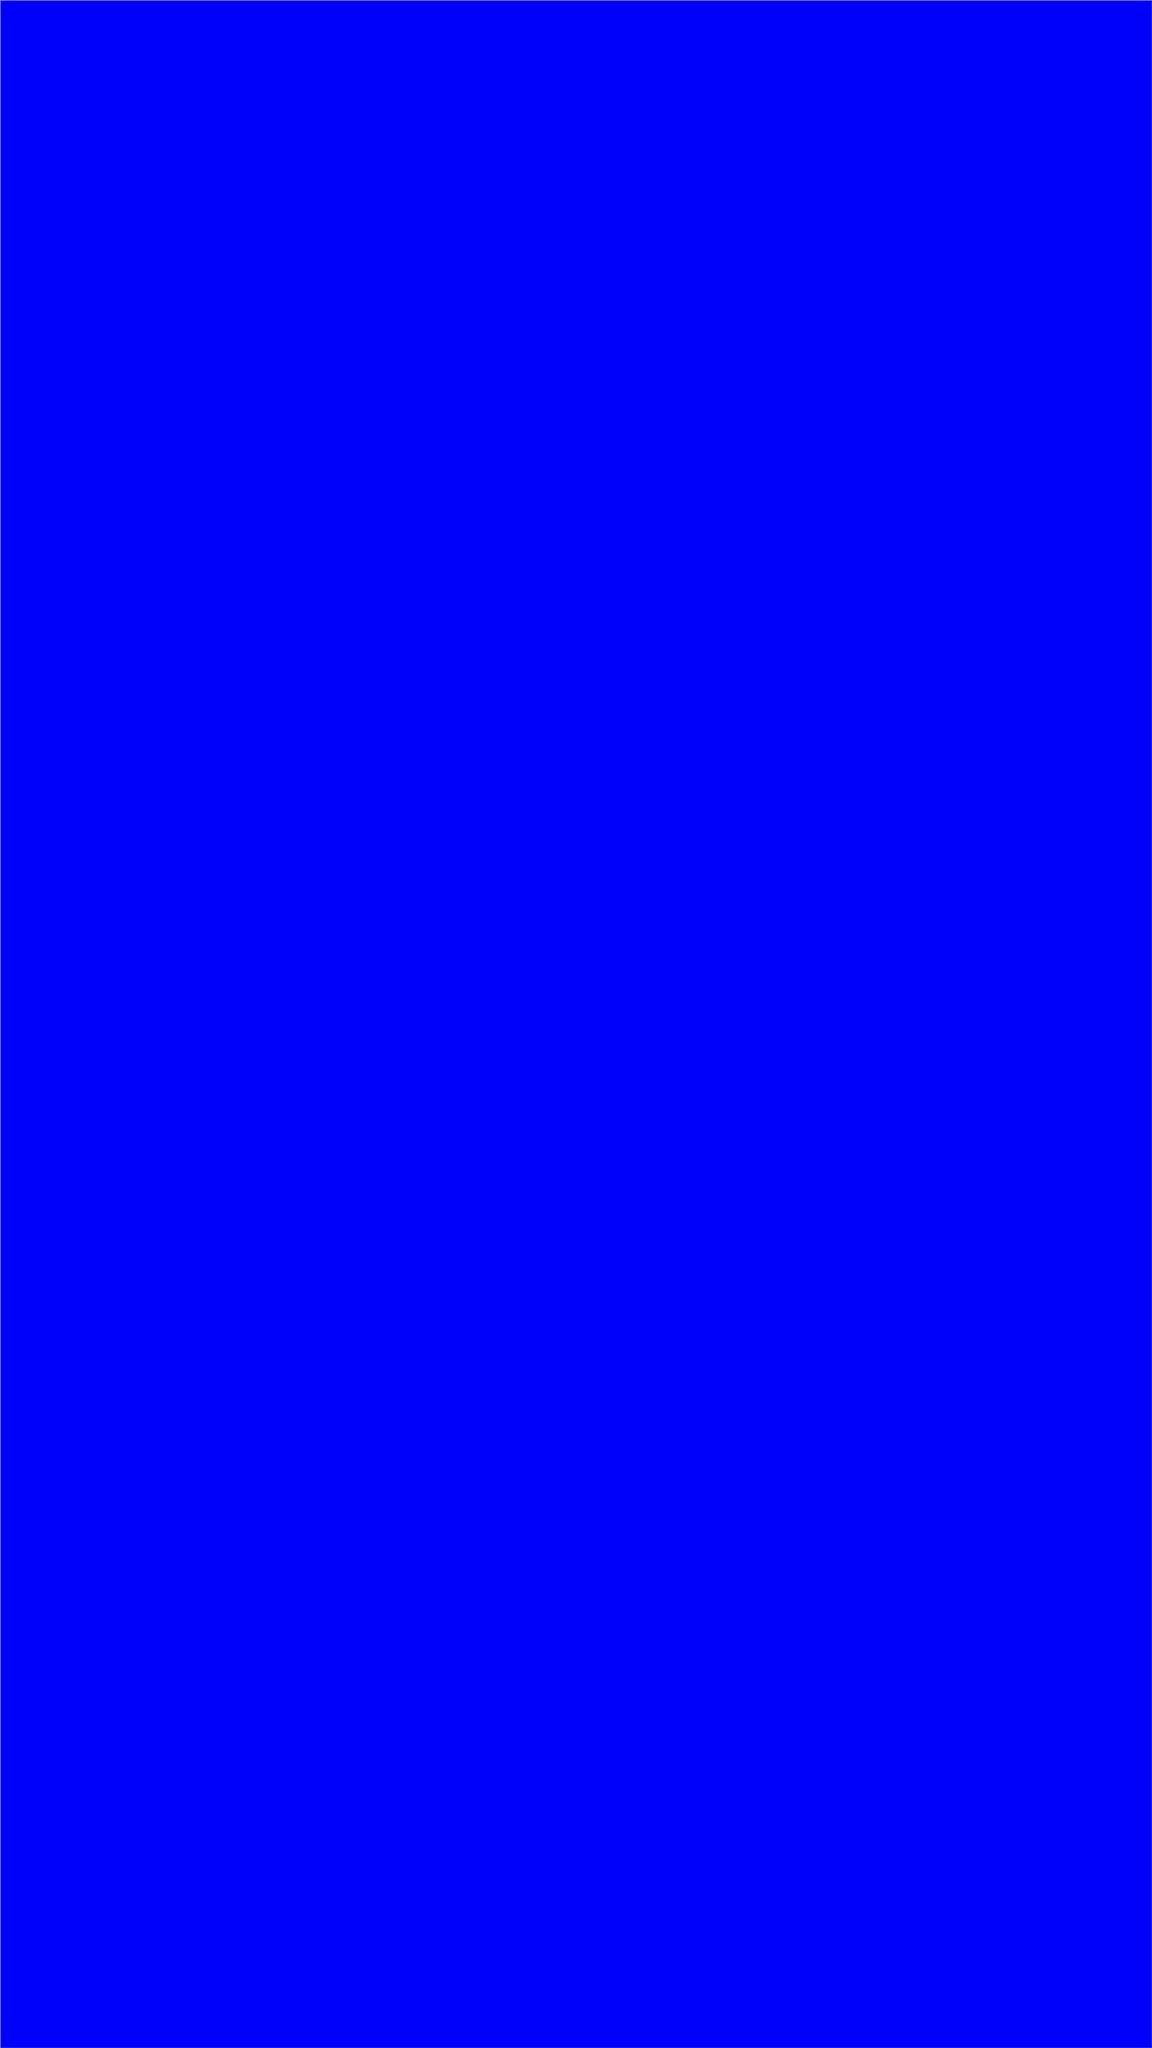 Wallpaper Rojo Y Negro >> Cómo saber si tu nuevo Samsung Galaxy S6 u otro con pantalla QHD tiene píxeles muertos